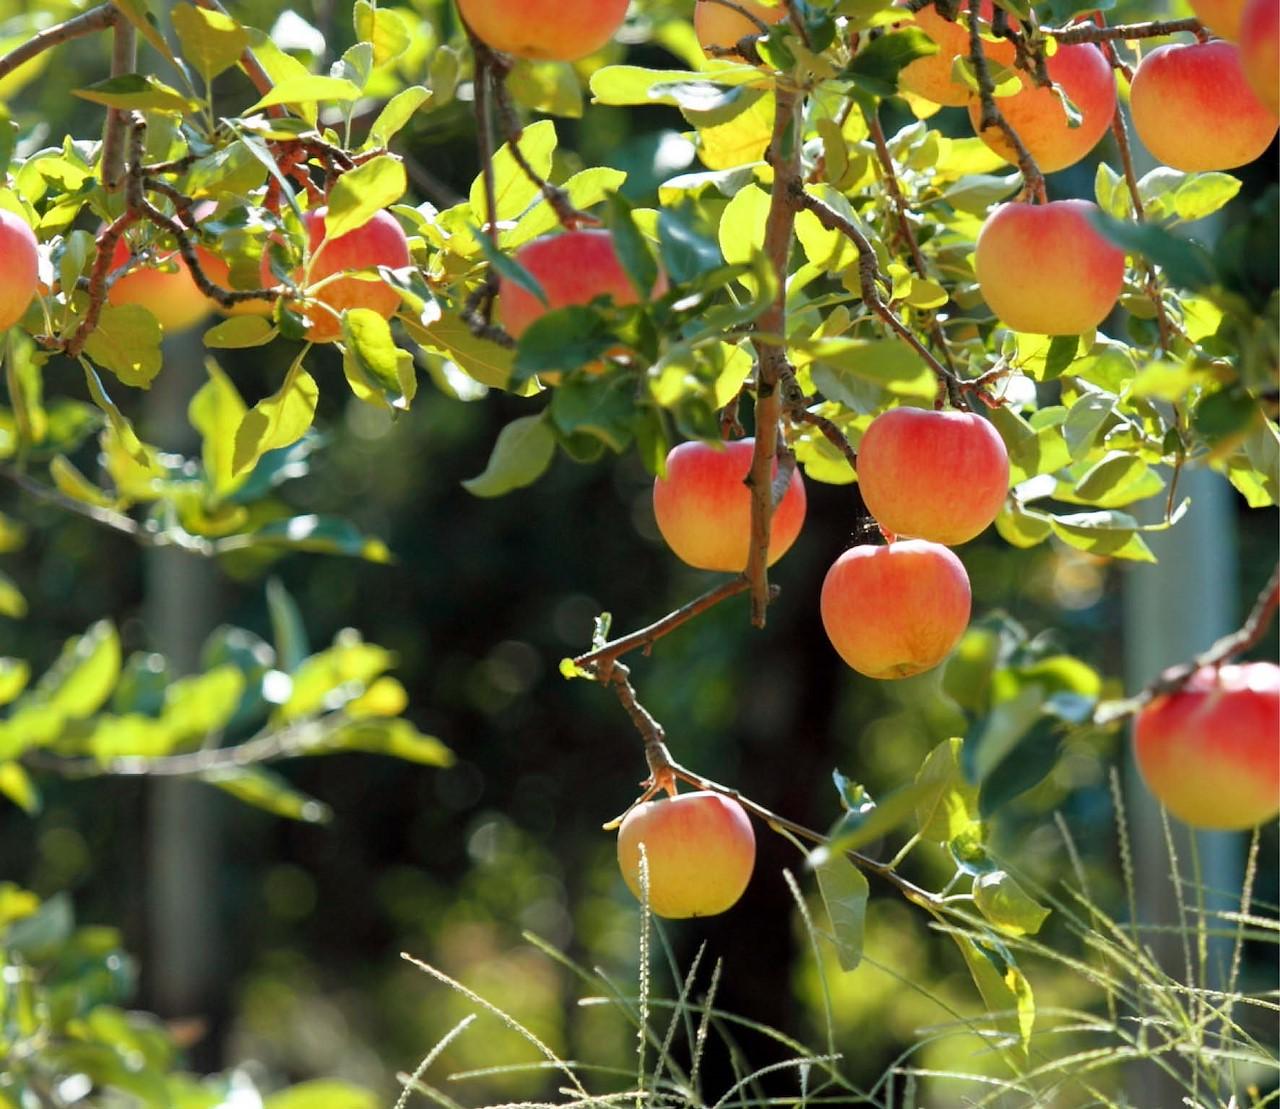 Elke tuin een fruitboom(pje)